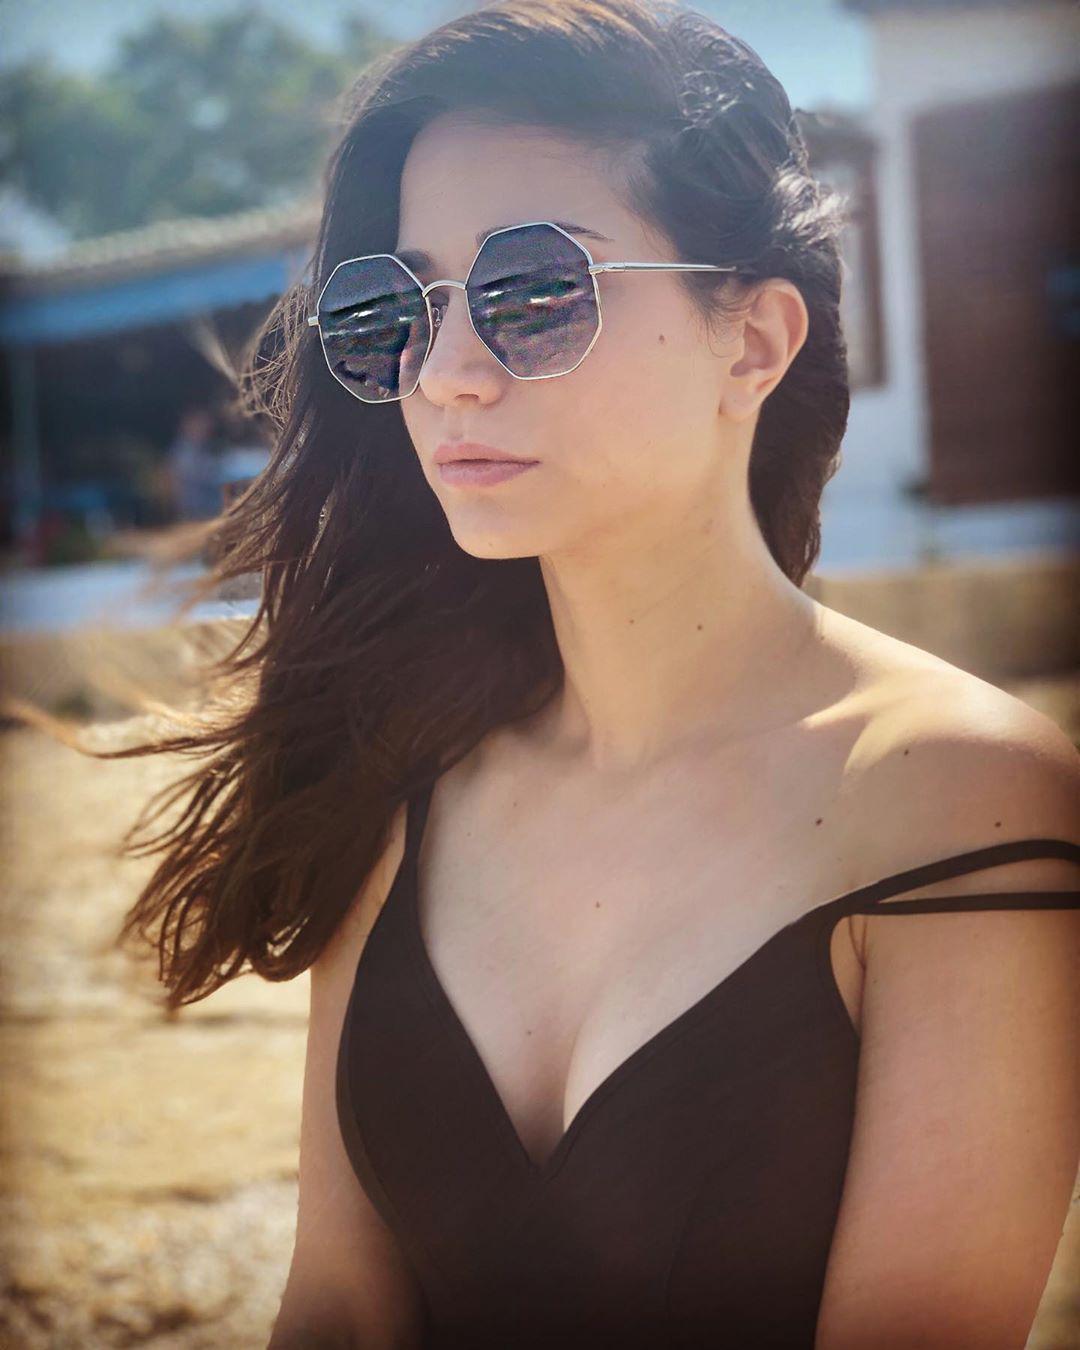 Κατερίνα Γερονικολού: O Γιάννης Τσιμιτσέλης την φωτογραφίζει στην παραλία με το μαγιό της!